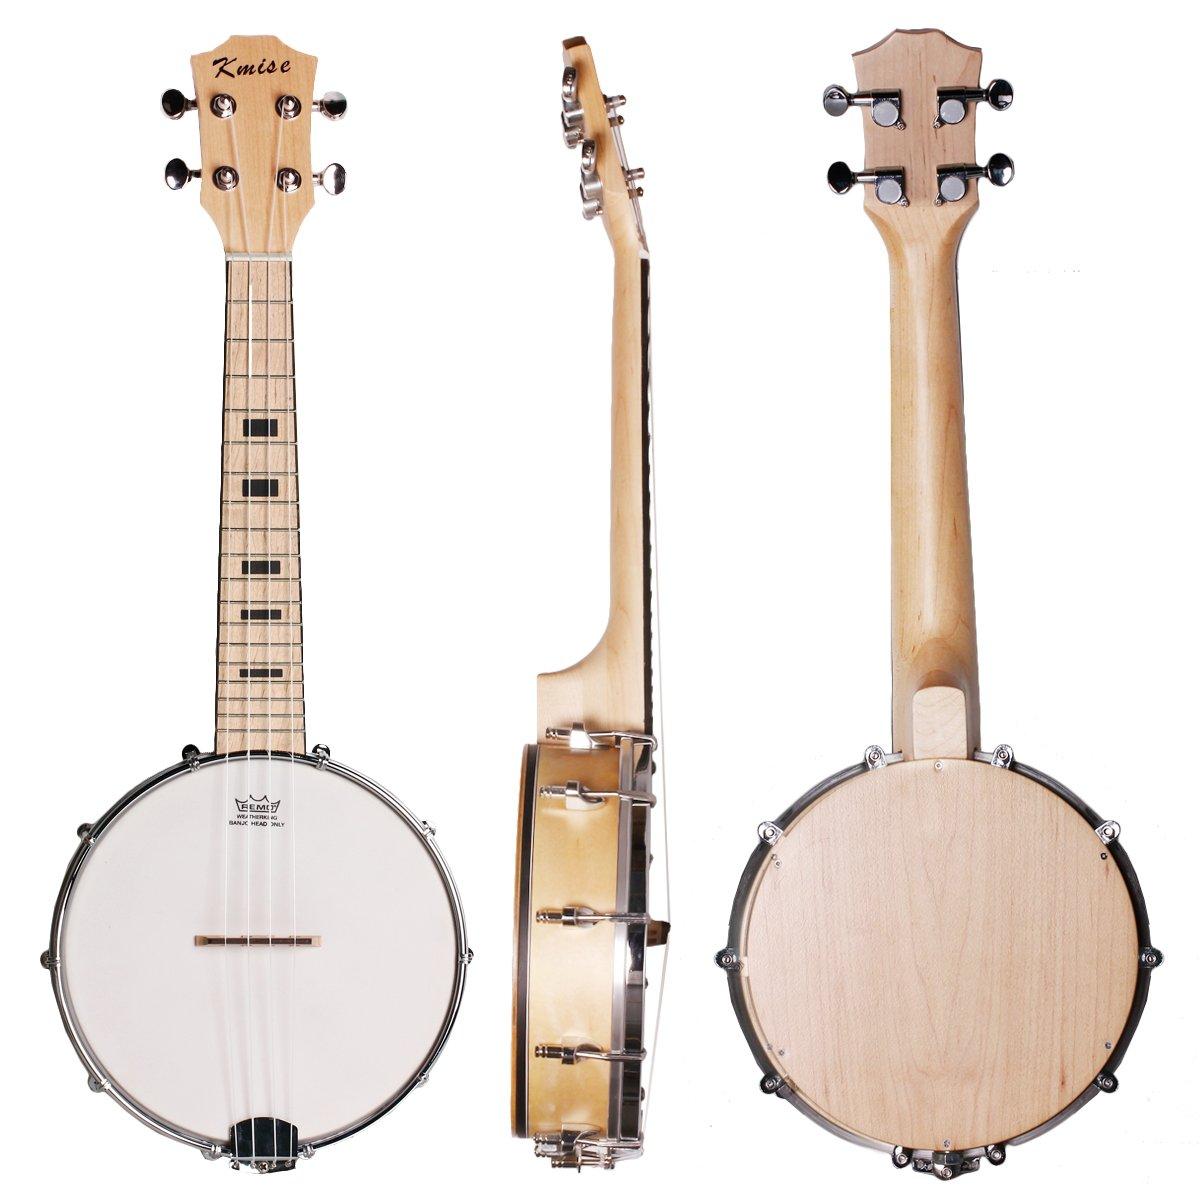 Kmise Banjo Ukulele 4 String Banjo lele Ukelele Uke Concert 23 Inch Size Maple Wood Ltd MI1904-KUS